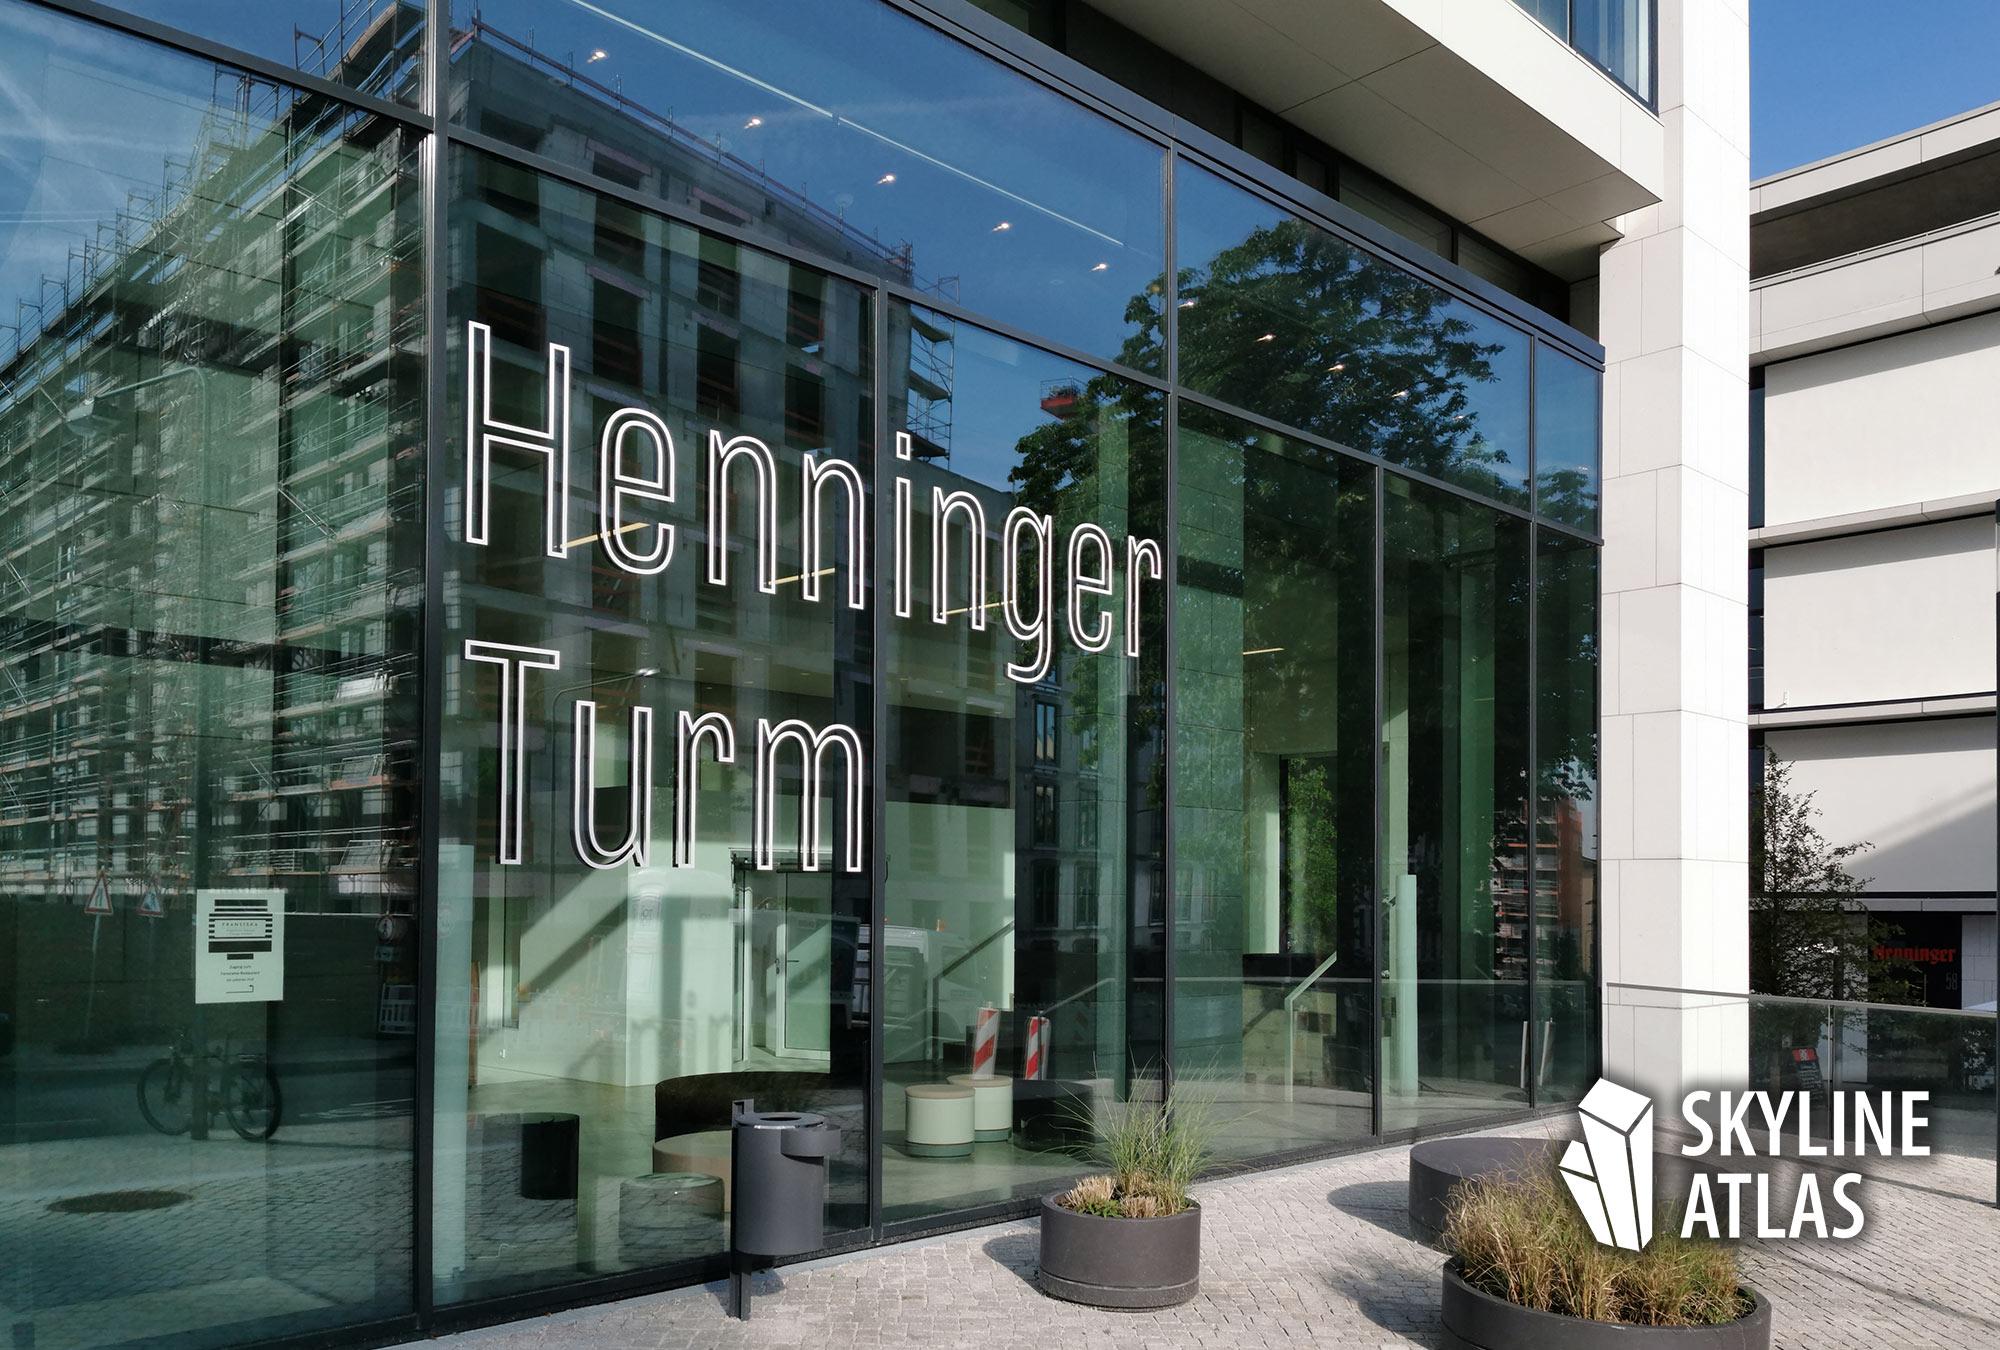 Henninger Turm - Adresse - Eingang - Logo